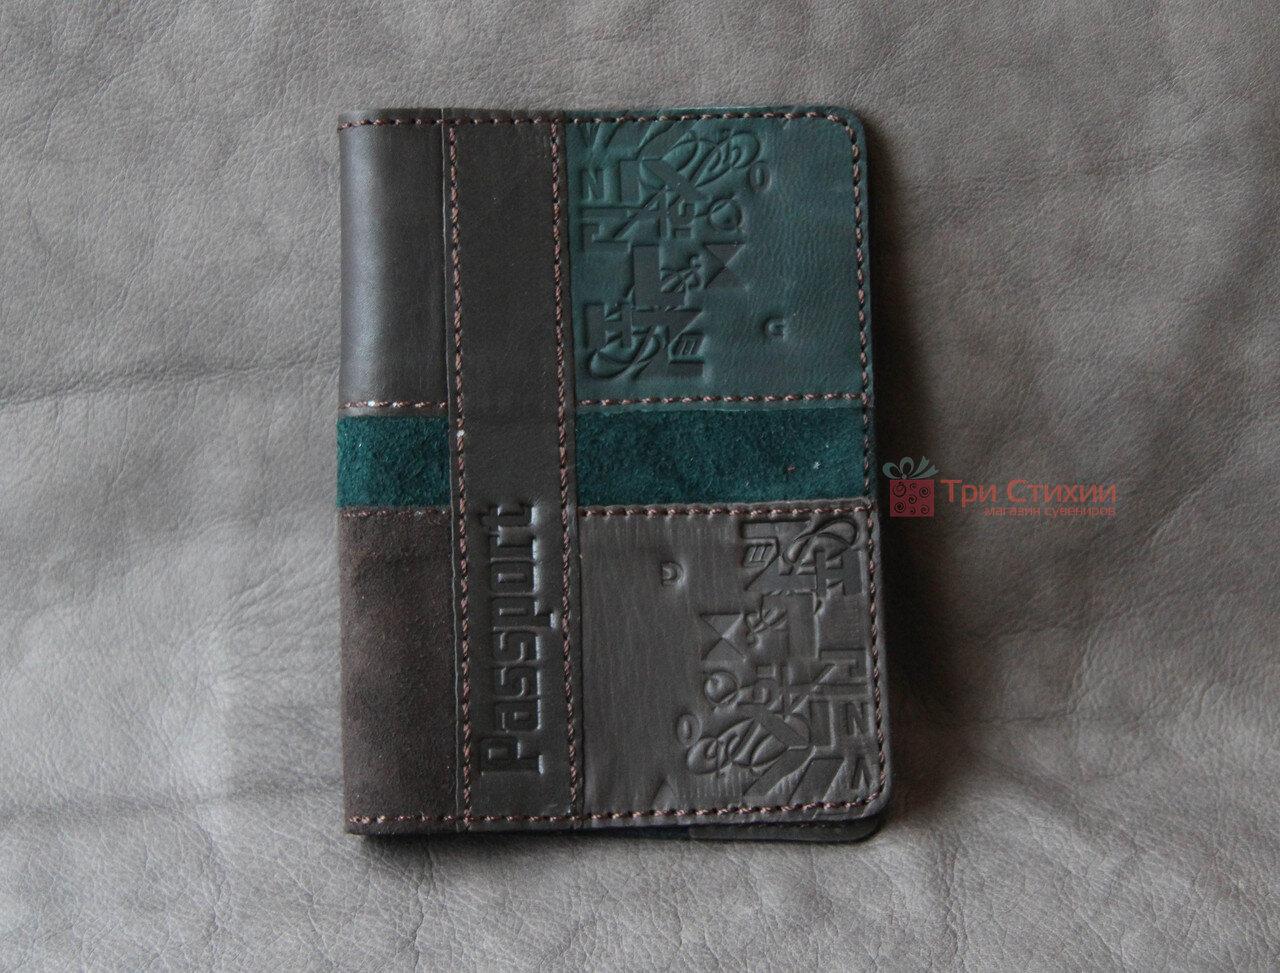 Обложка для паспорта кожаная 809-52-07, фото 3